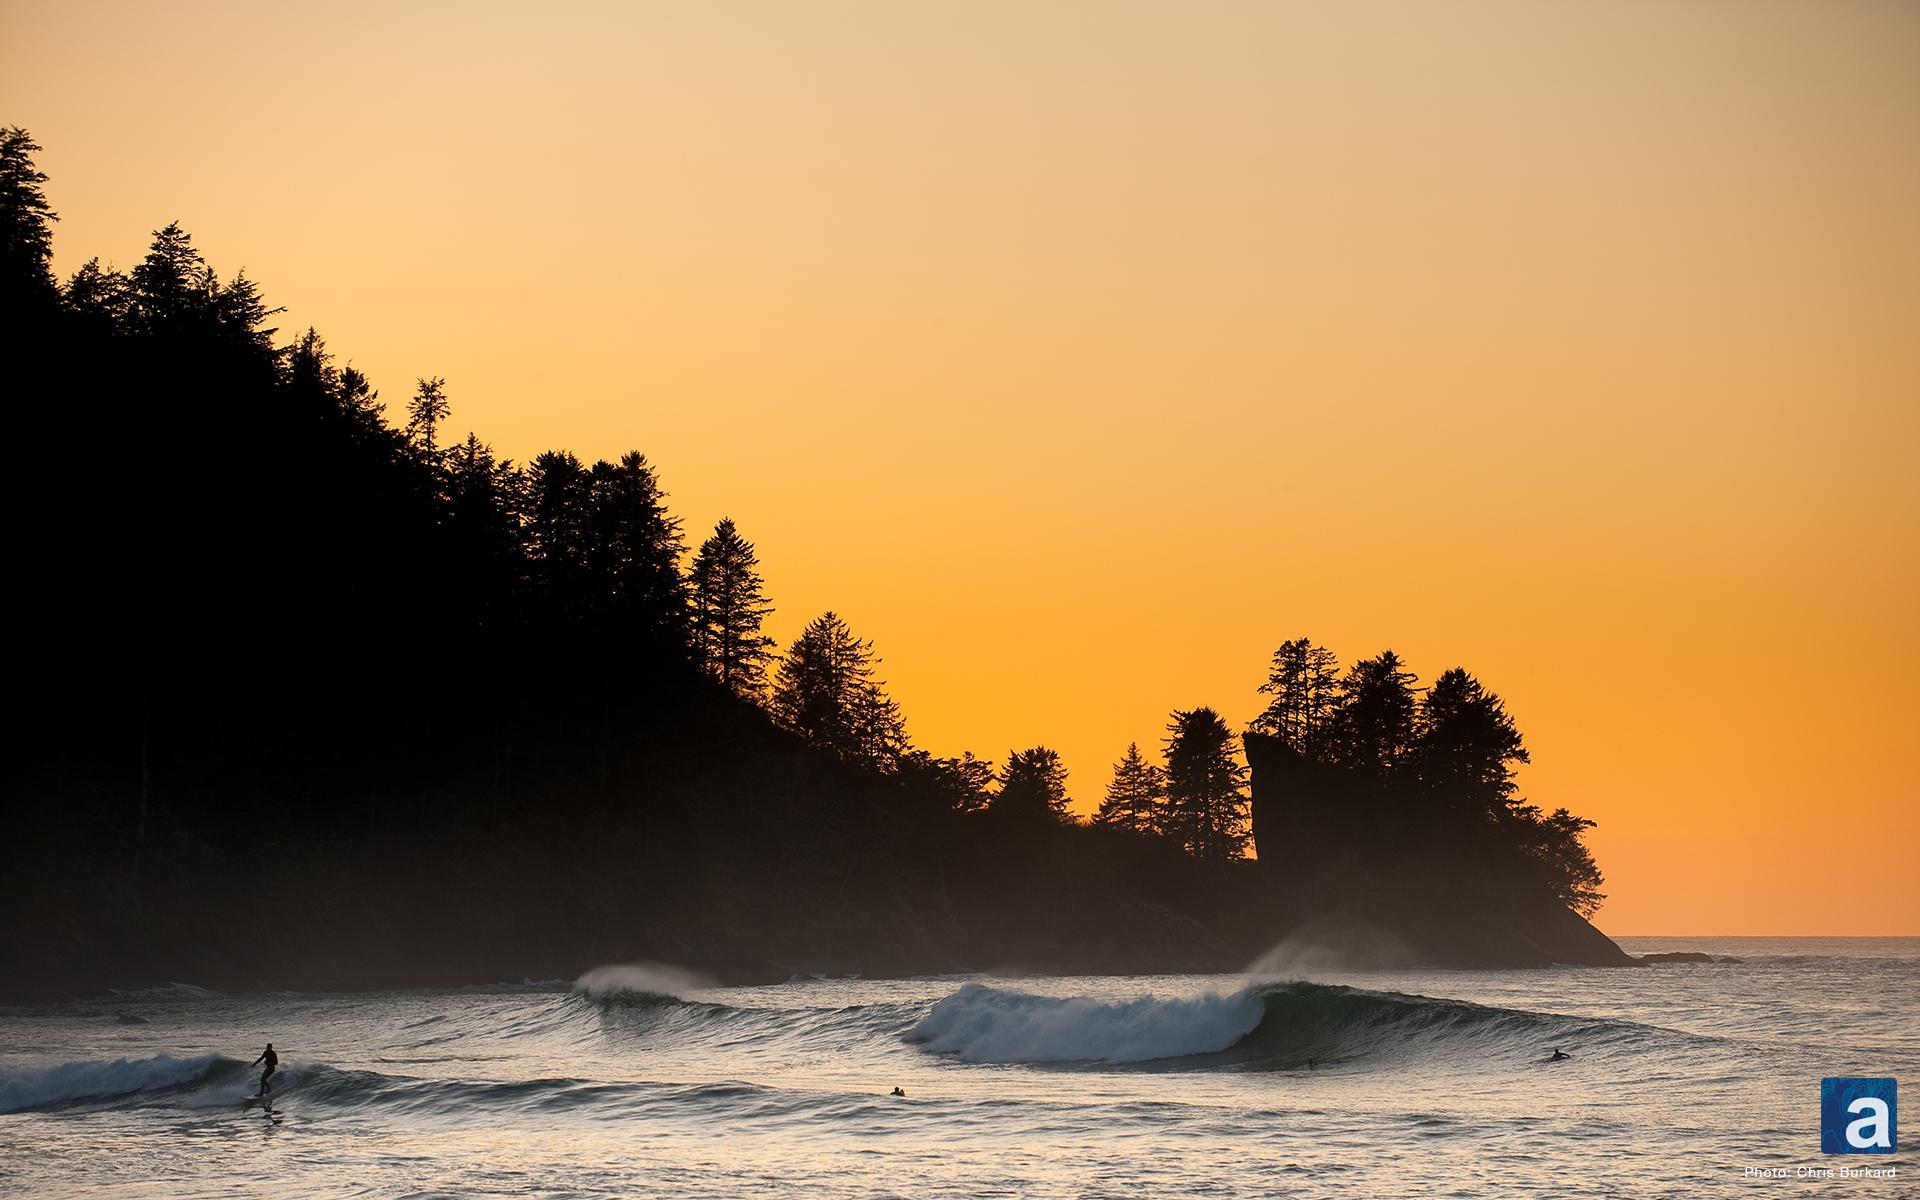 adventure journal Wallpaper Wednesday Pacific Northwest Surfing 1920x1200